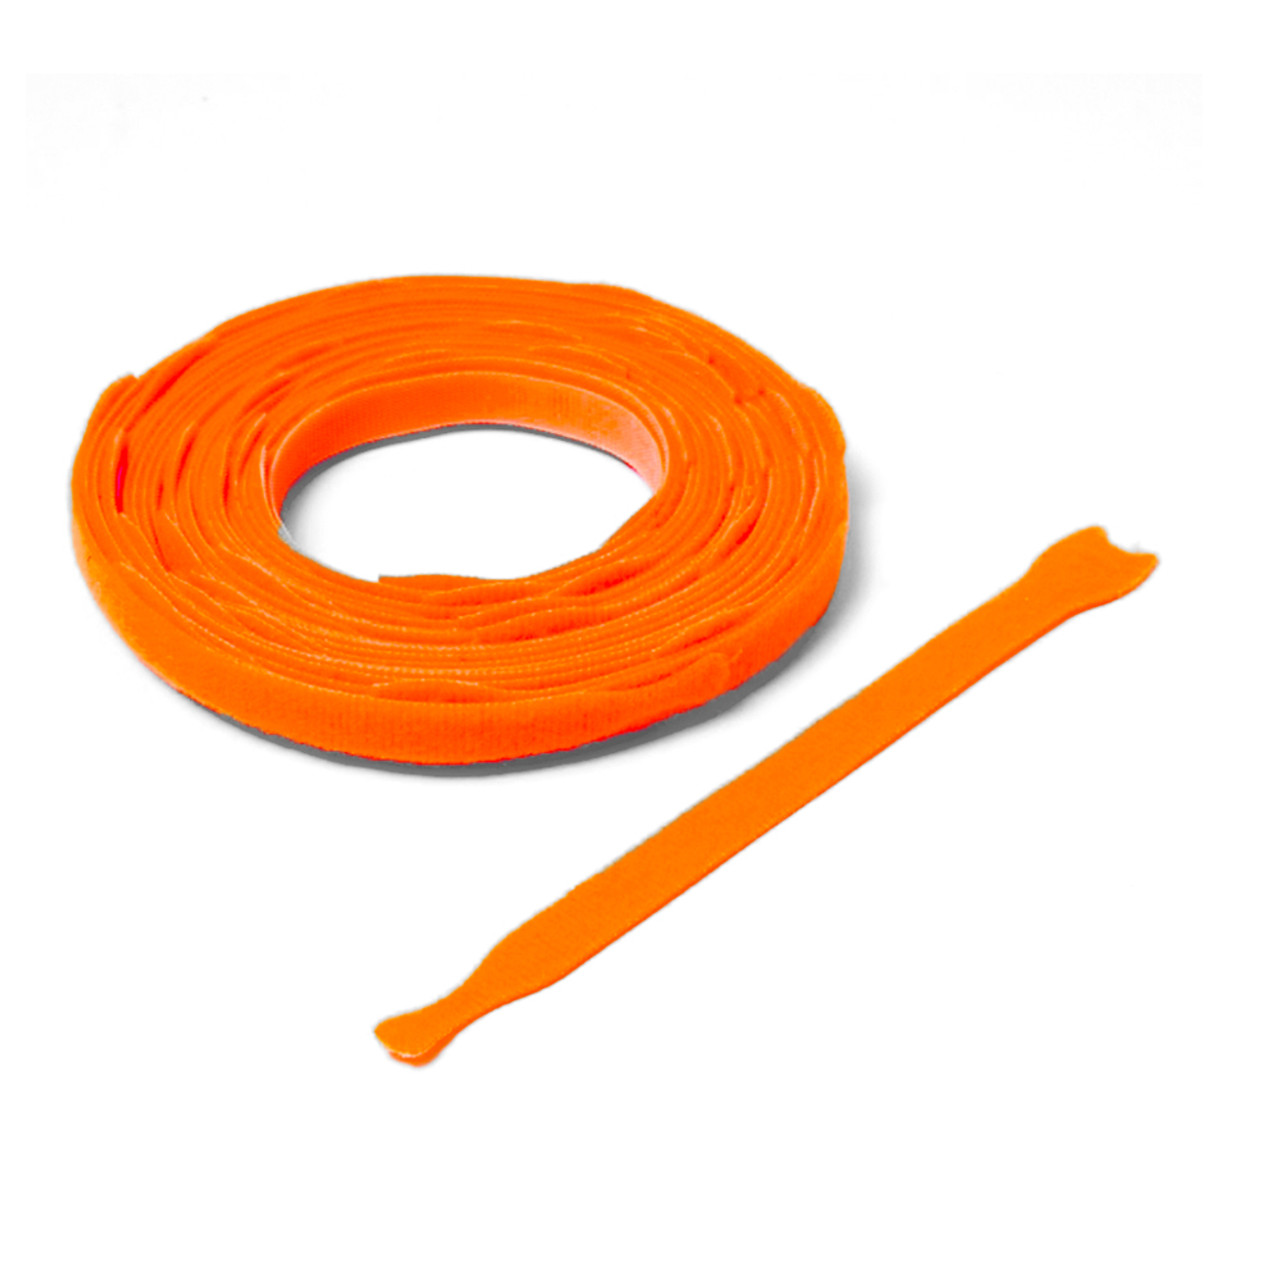 VELCRO ® Brand ONE-WRAP ® Die-Cut Straps - Orange  / Velcro Straps - Bundling Straps - Velcro Tie - Velcro Strap